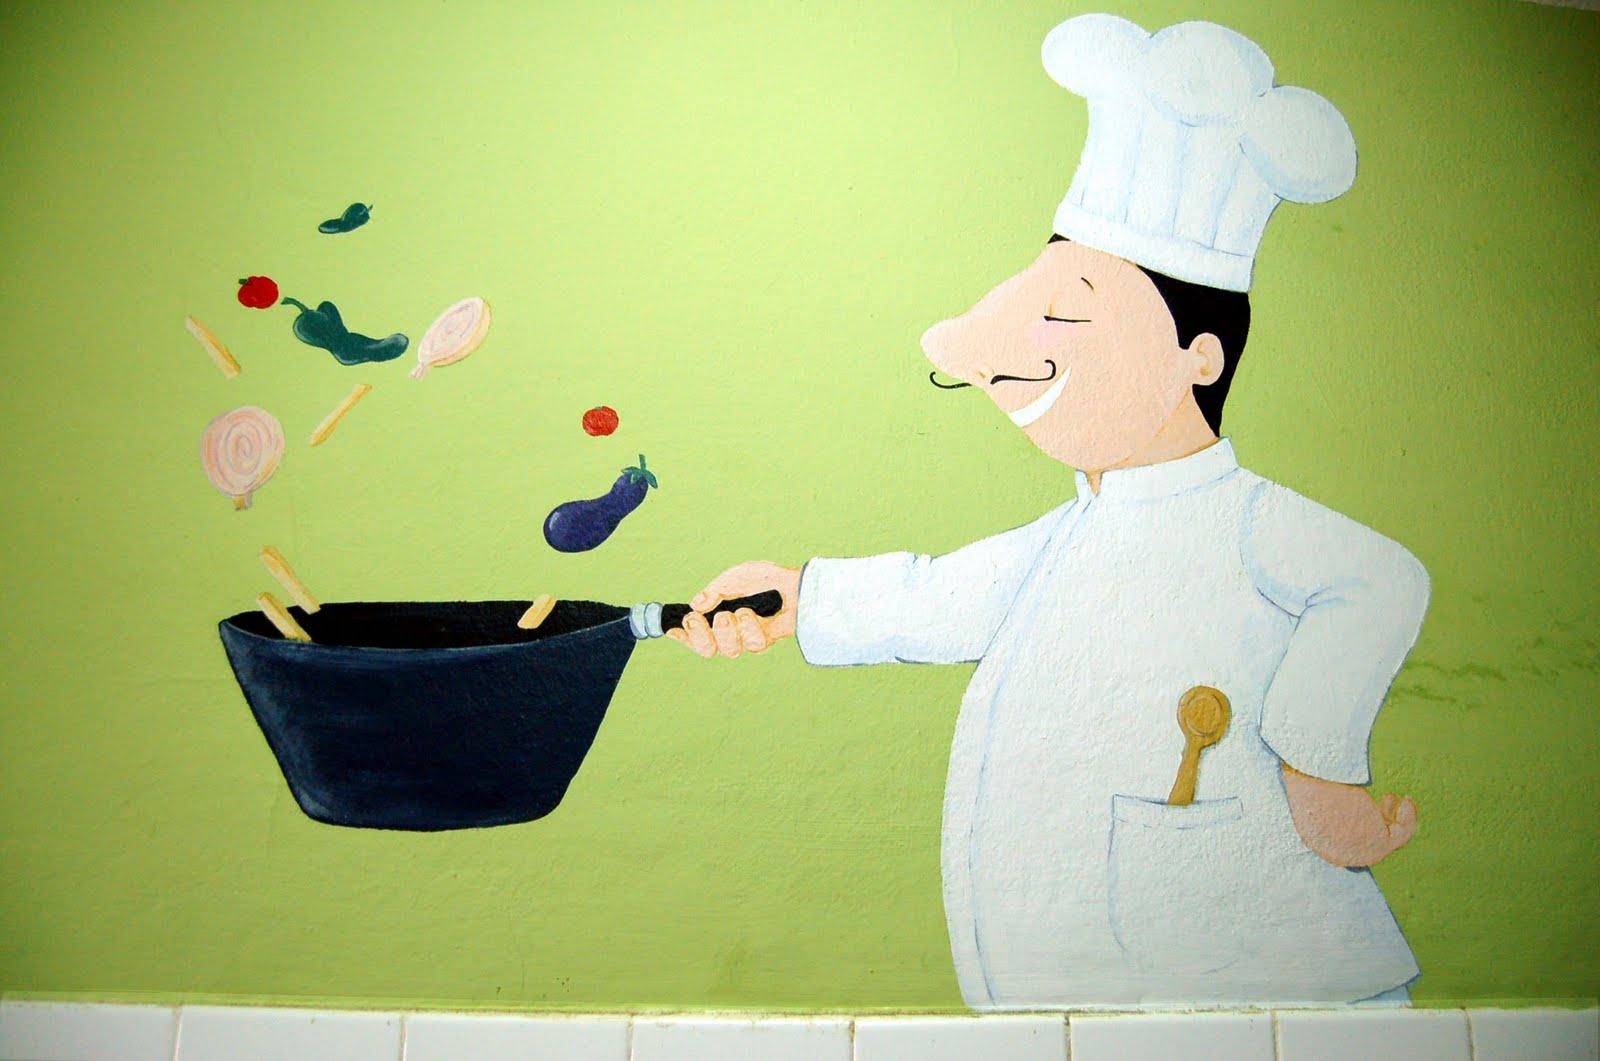 Utiliza las tecnicas basicas para cocinar - Tecnicas basicas de cocina ...